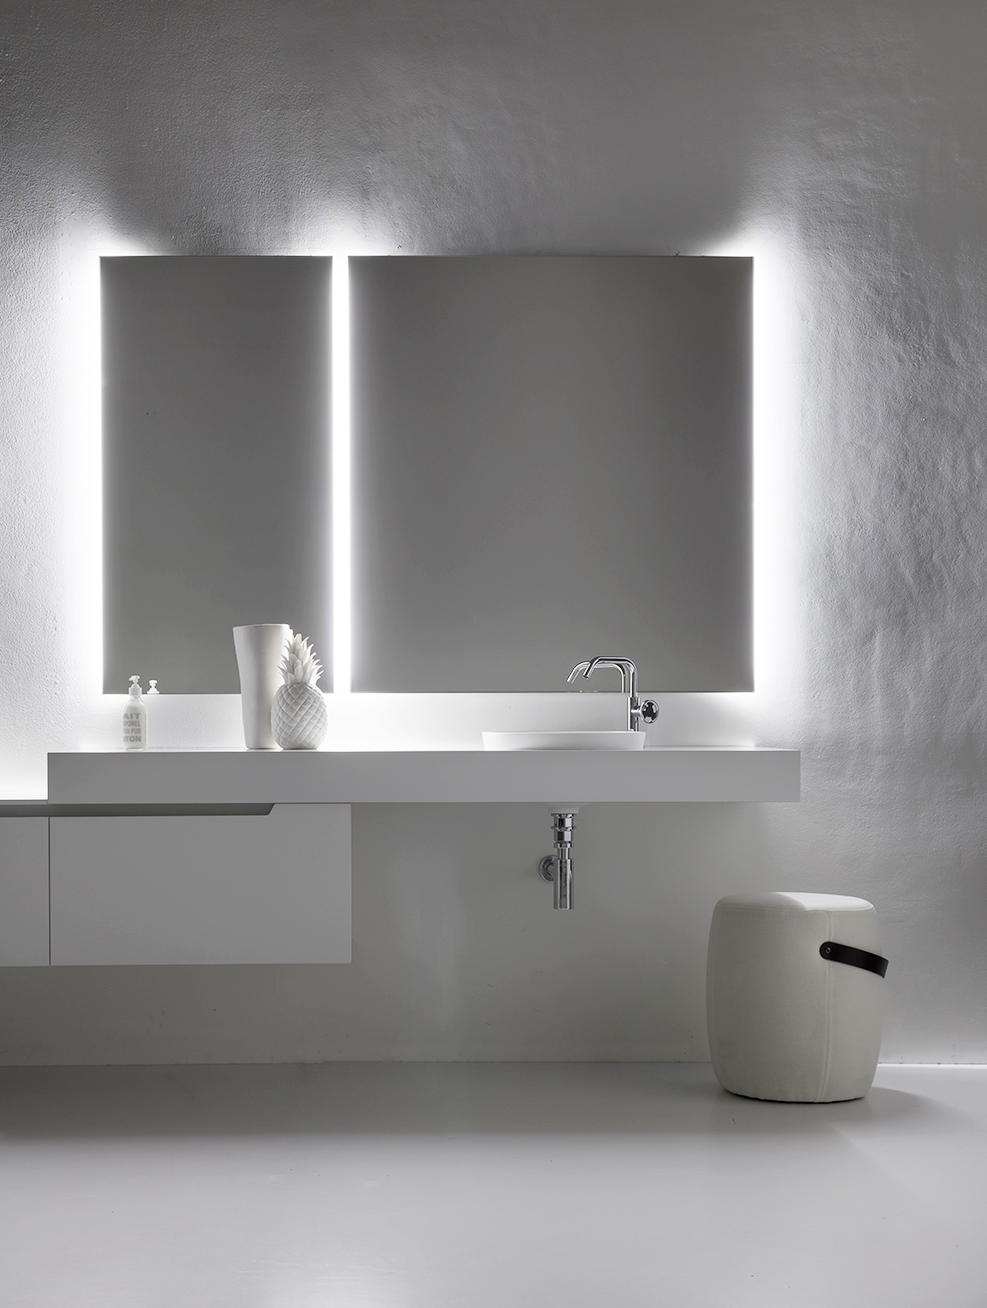 3. Luci di cortesia - La luce led della specchiera illumina la stanza da bagno, e al buio diventa una comoda luce di cortesia.